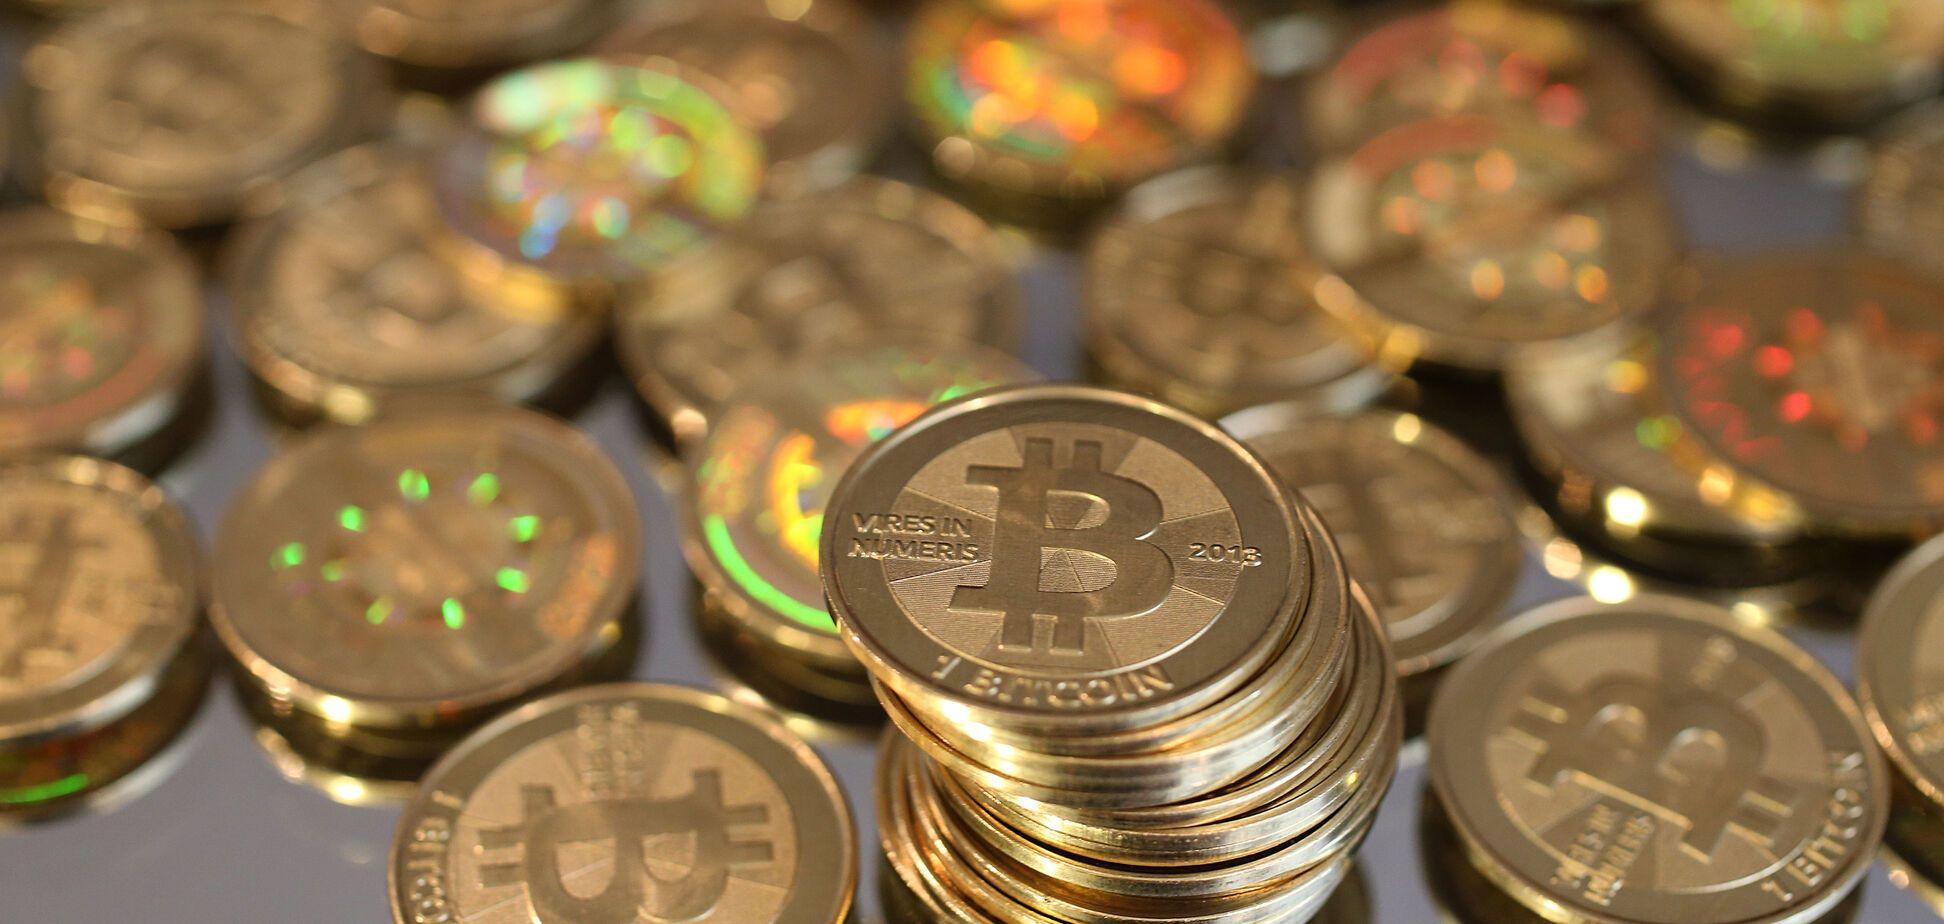 НБУ ответил по поводу биткоина в золотовалютных резервах